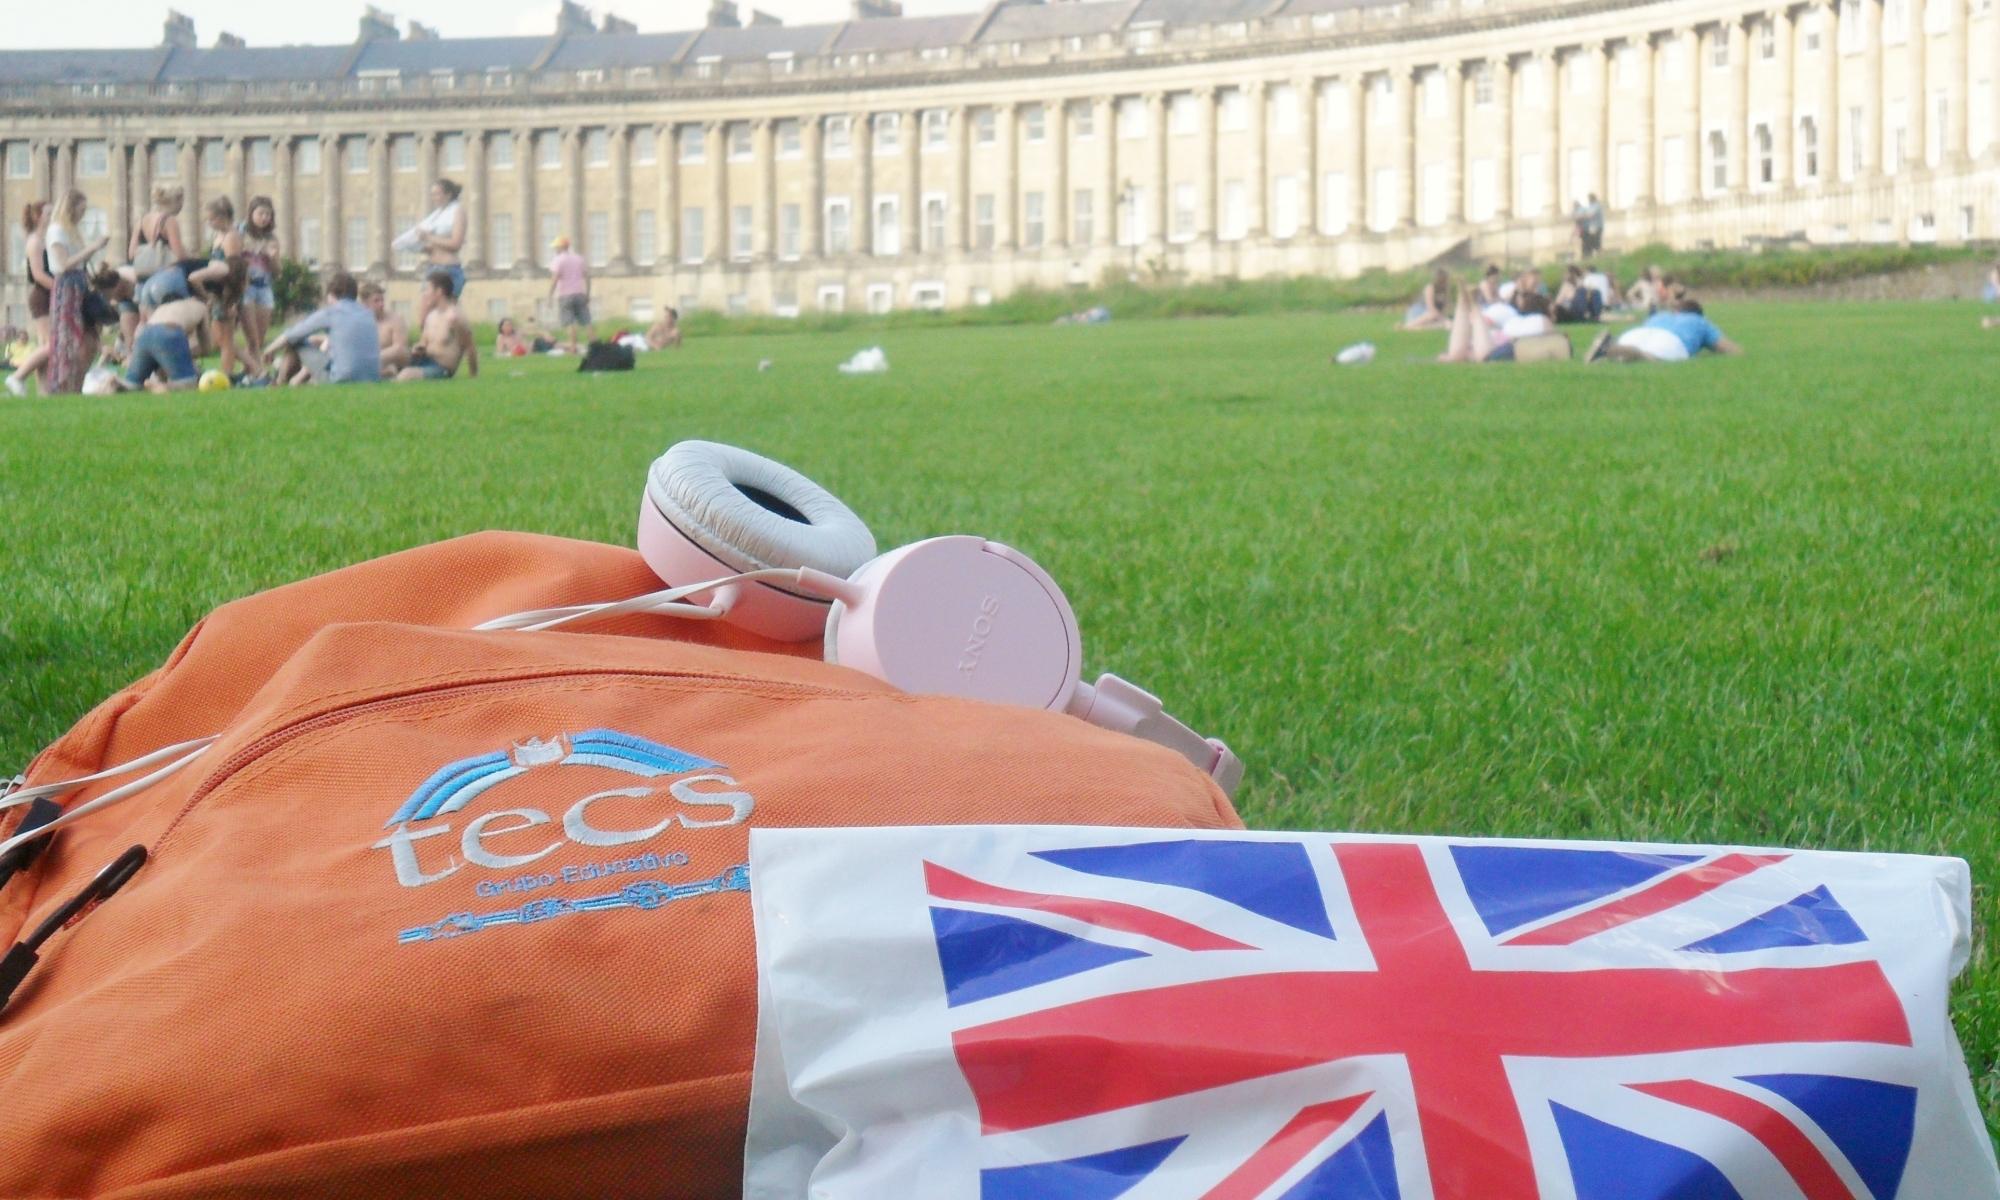 TECS Bag in the uk